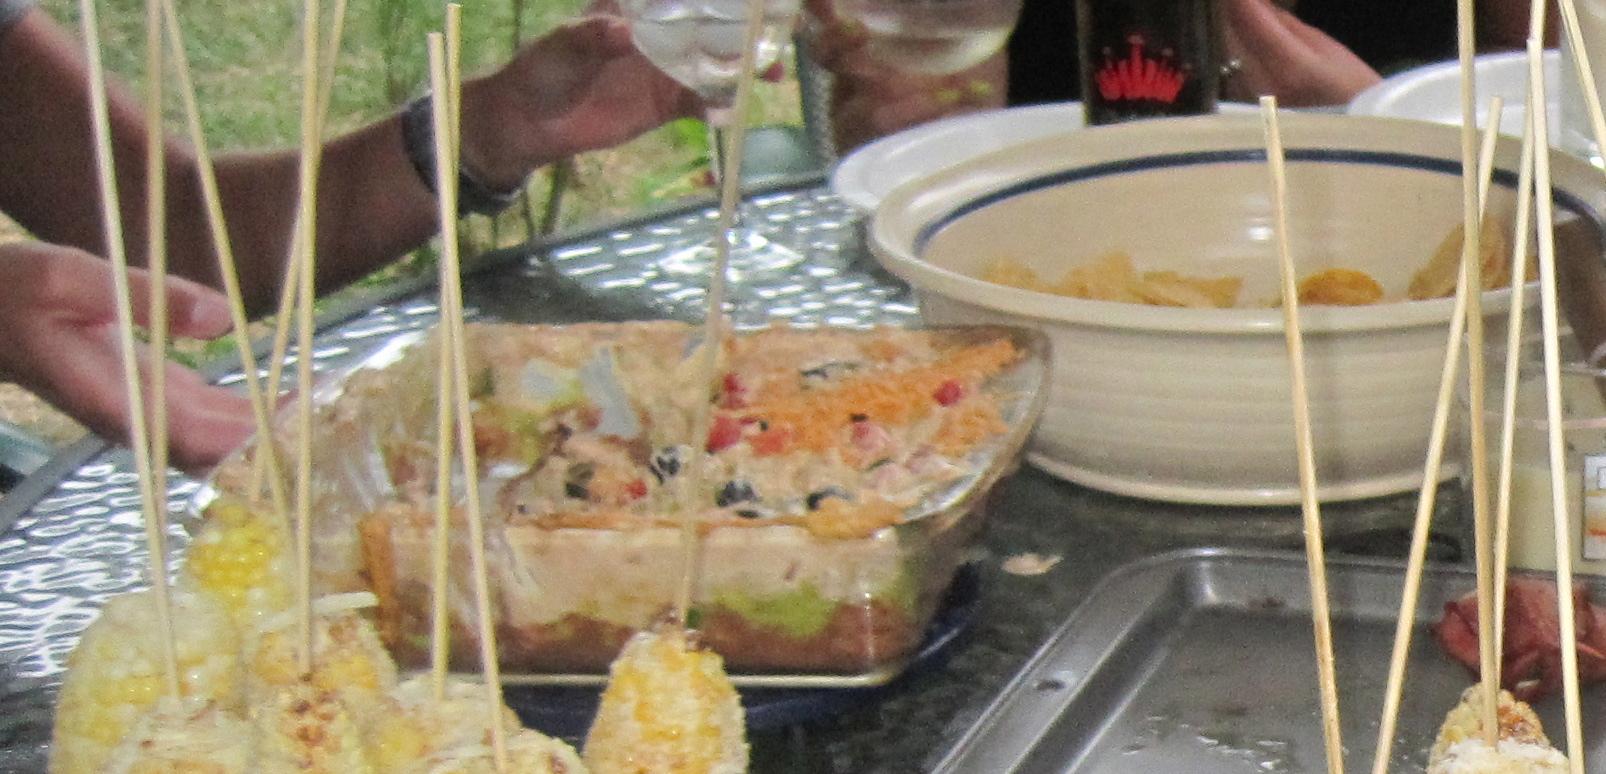 alicia silverstone recipe